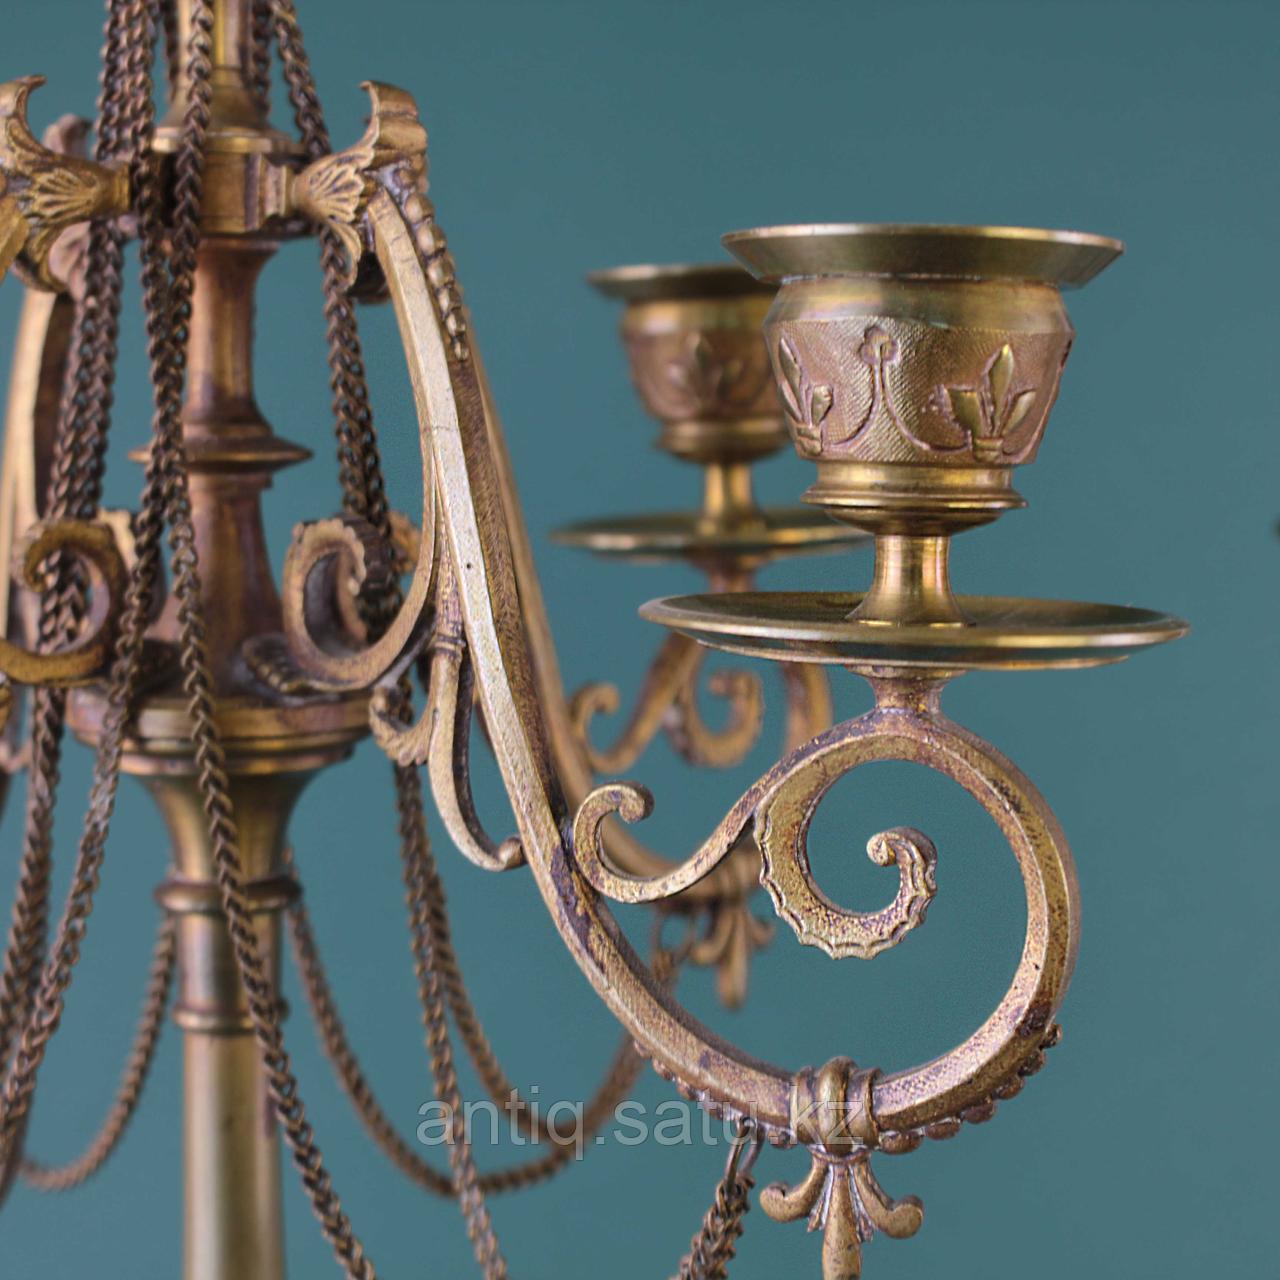 Пара канделябров в стиле Наполеона III. Франция. XIX век - фото 5